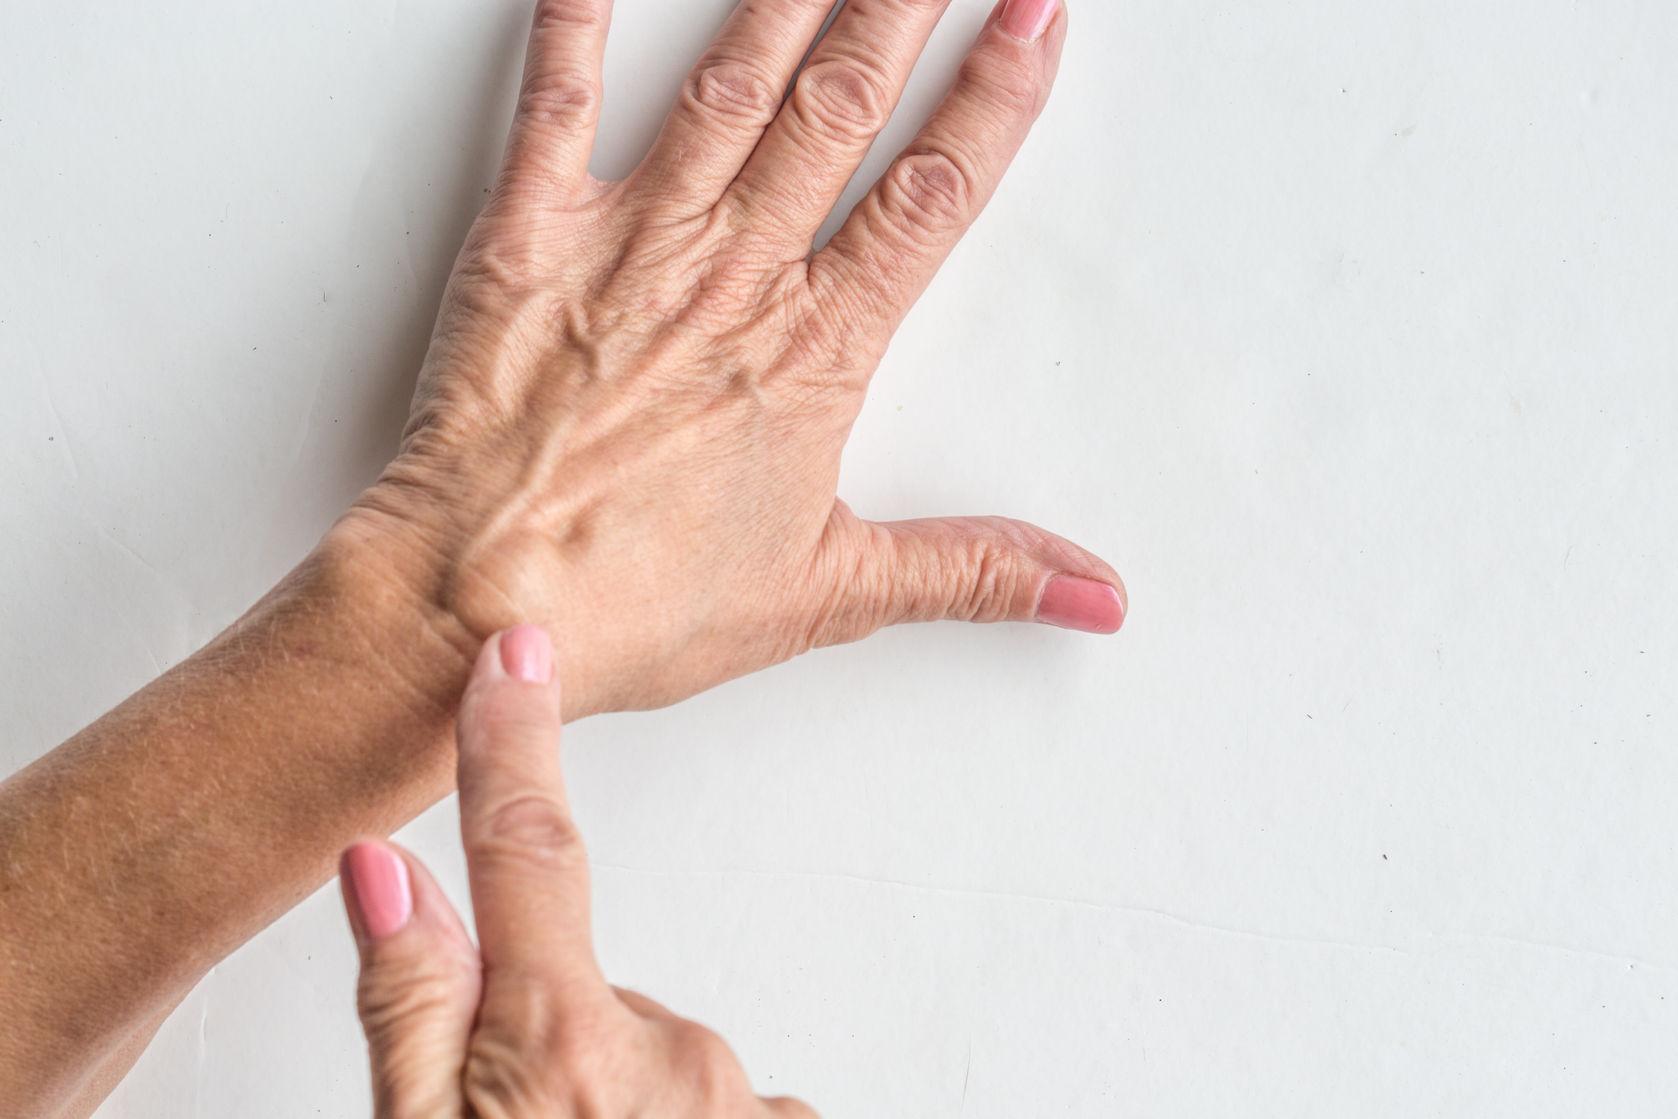 dudor a varikózis eltávolítása után népi gyógymódok a lábak súlyos visszérin